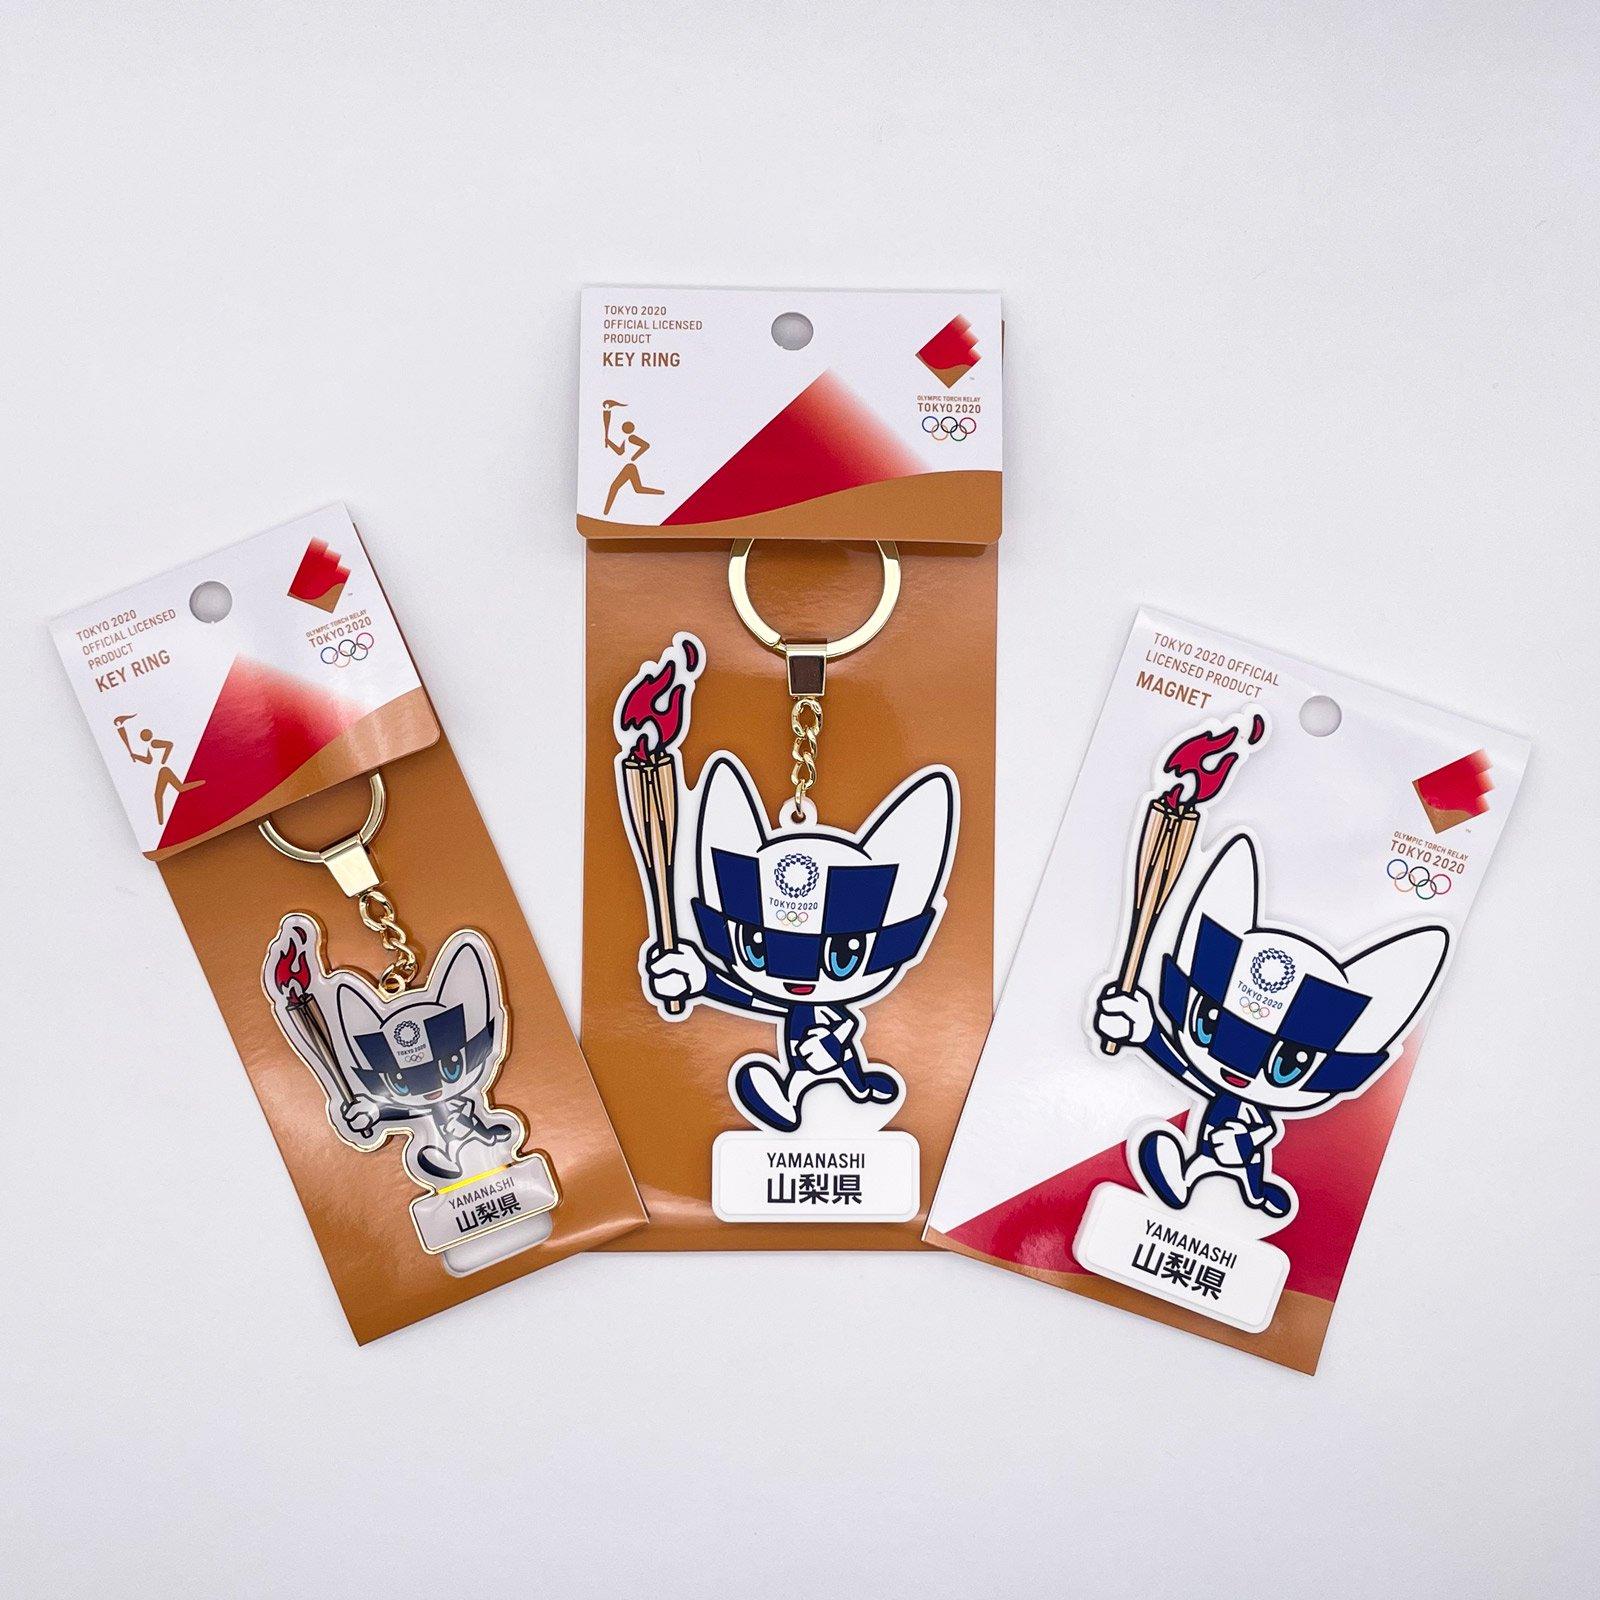 【セール価格】【お得なセット】東京2020オリンピック聖火リレーマスコット商品:山梨県セット